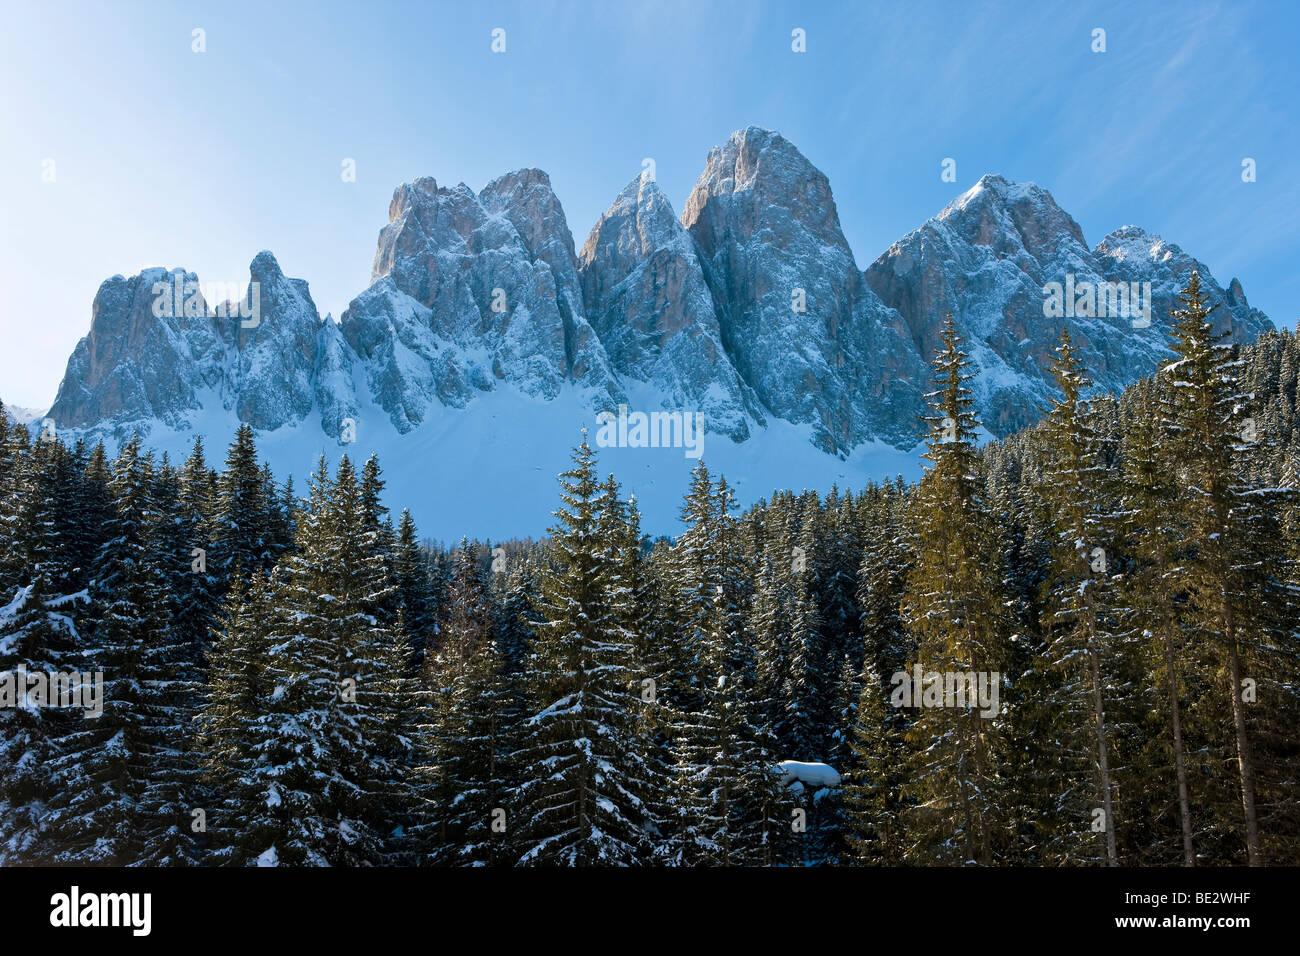 Paesaggio invernale, le Odle Gruppo/Geisler Spitzen, Val di Funes, Dolomiti italiane montagne, Trentino Alto Adige Immagini Stock